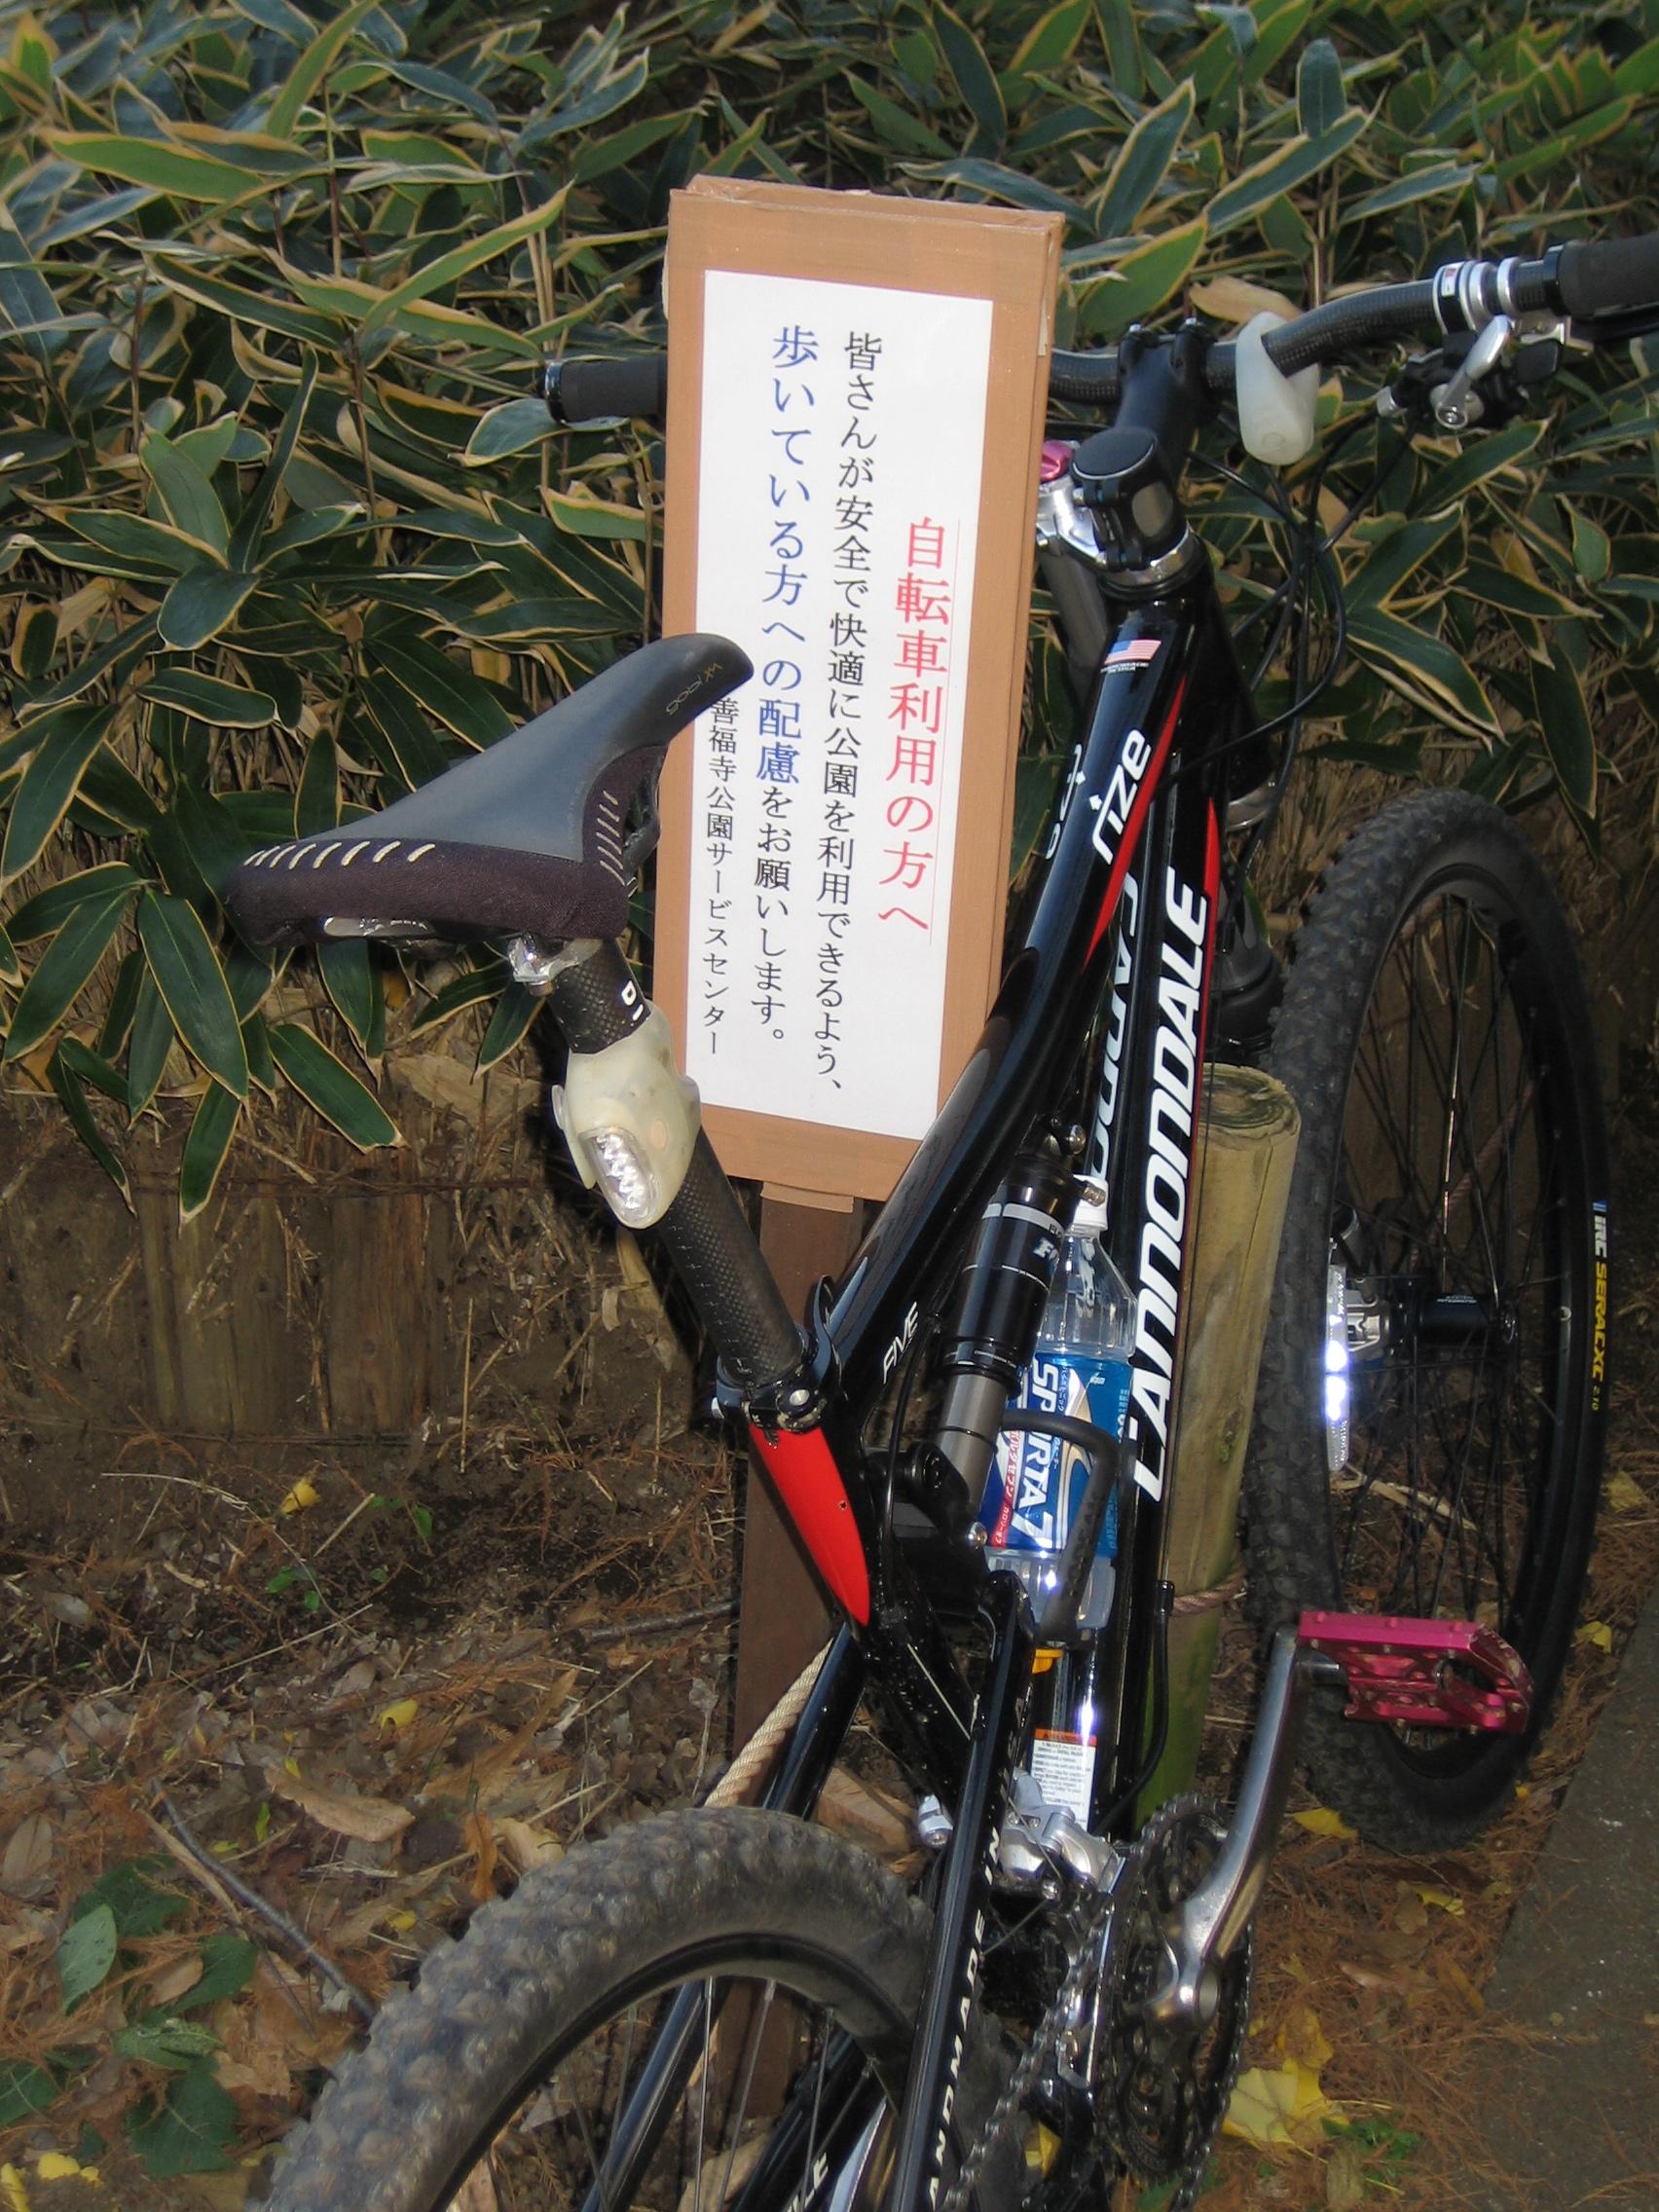 自転車利用マナーに関する立て札